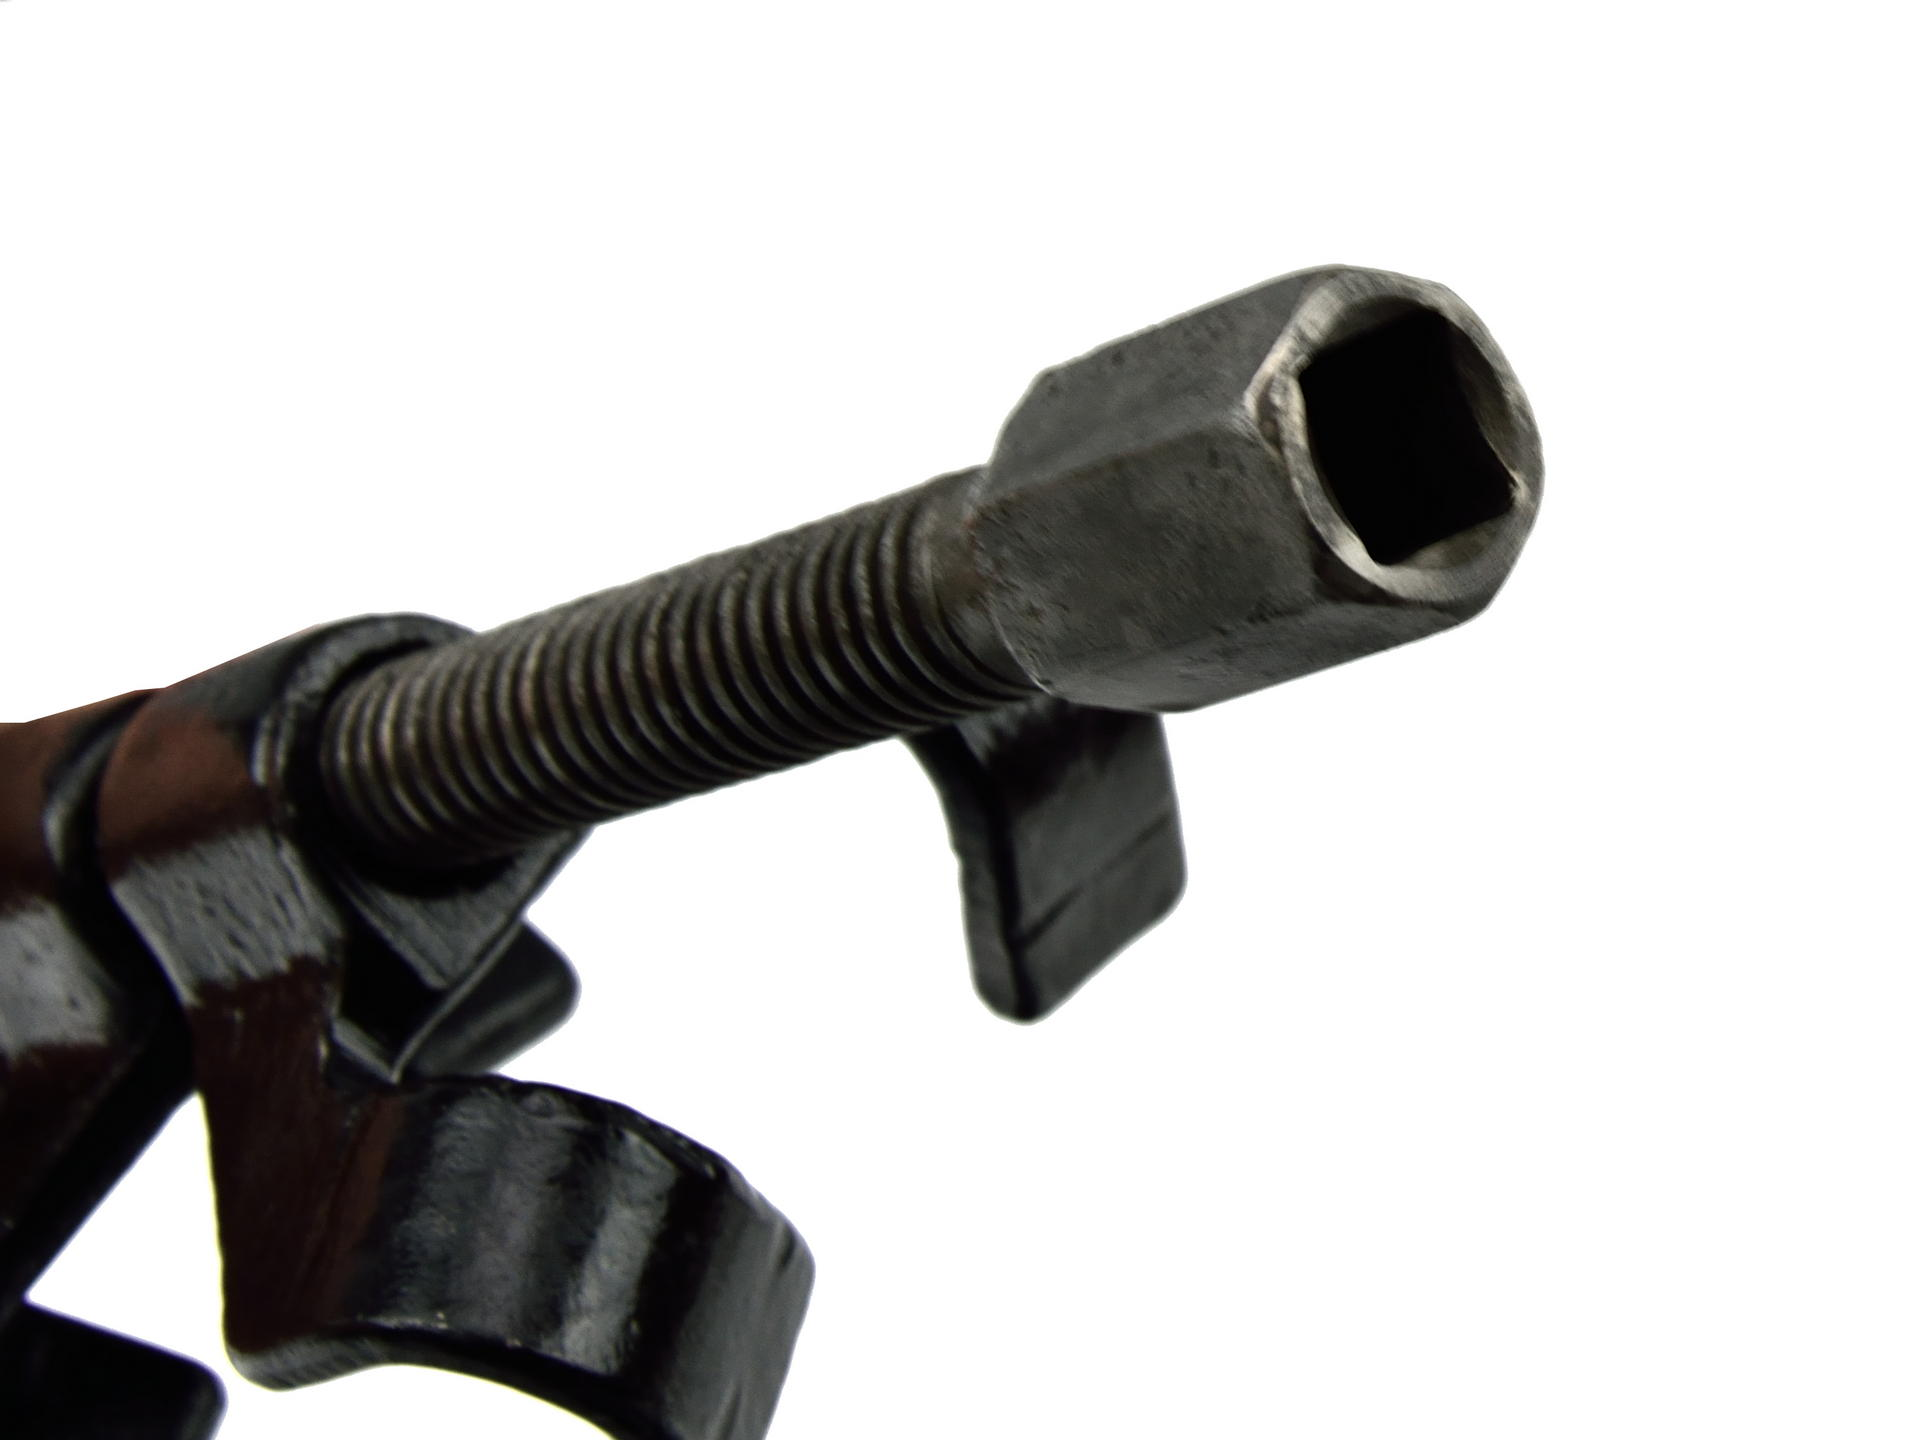 Stahováky pružin tlumičů automobilů - 260mm